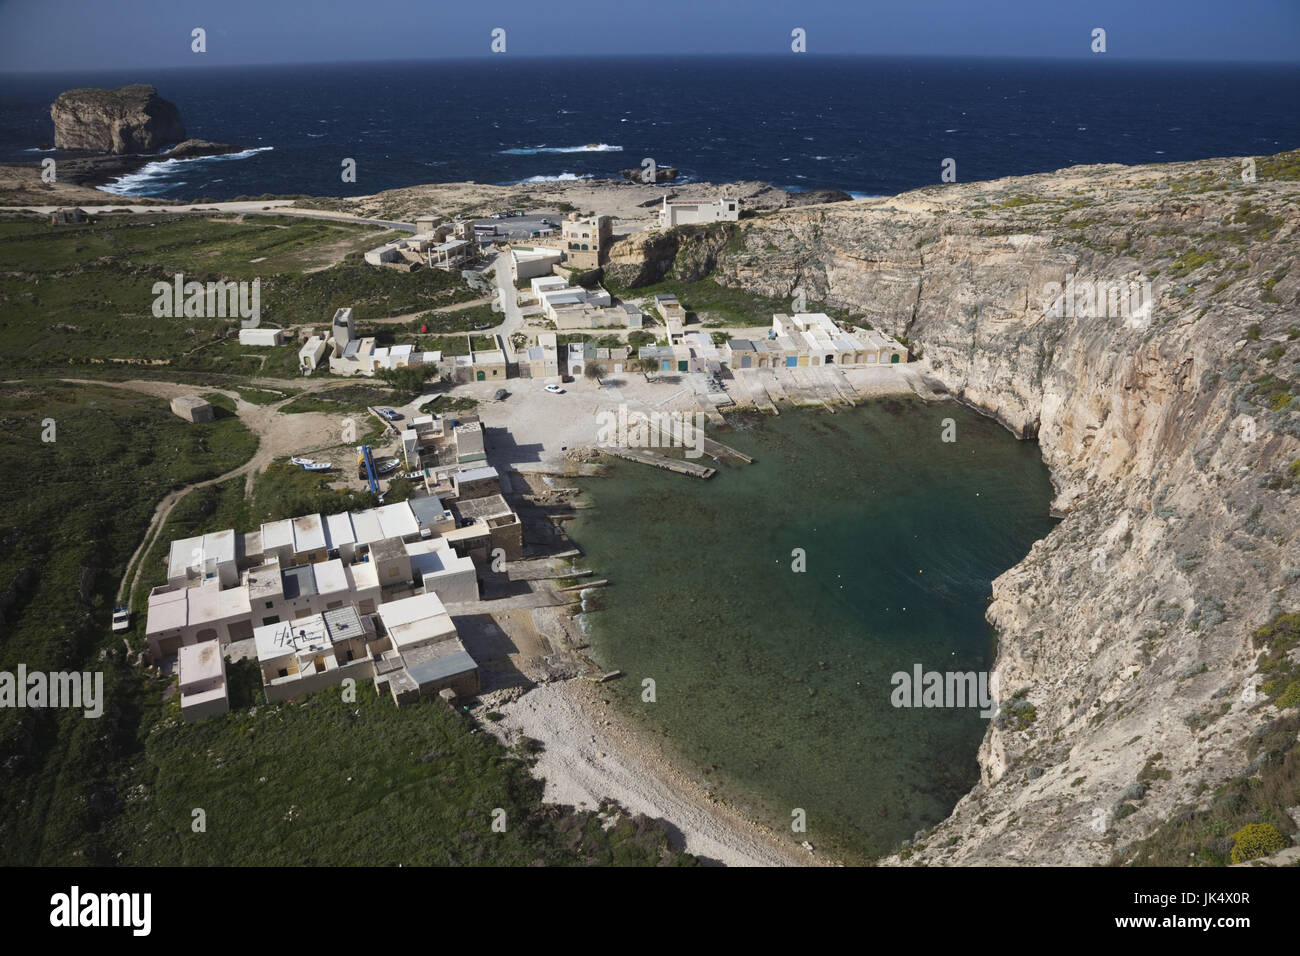 La isla de Malta, Gozo, Dwejra, niveles elevados de vista del mar interior Imagen De Stock